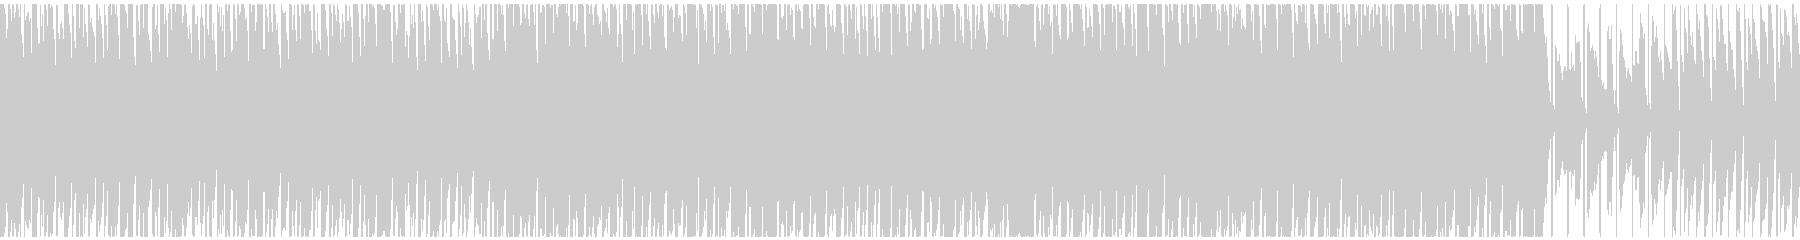 【ループ対応s】ポップな動画!軽快アコギの未再生の波形